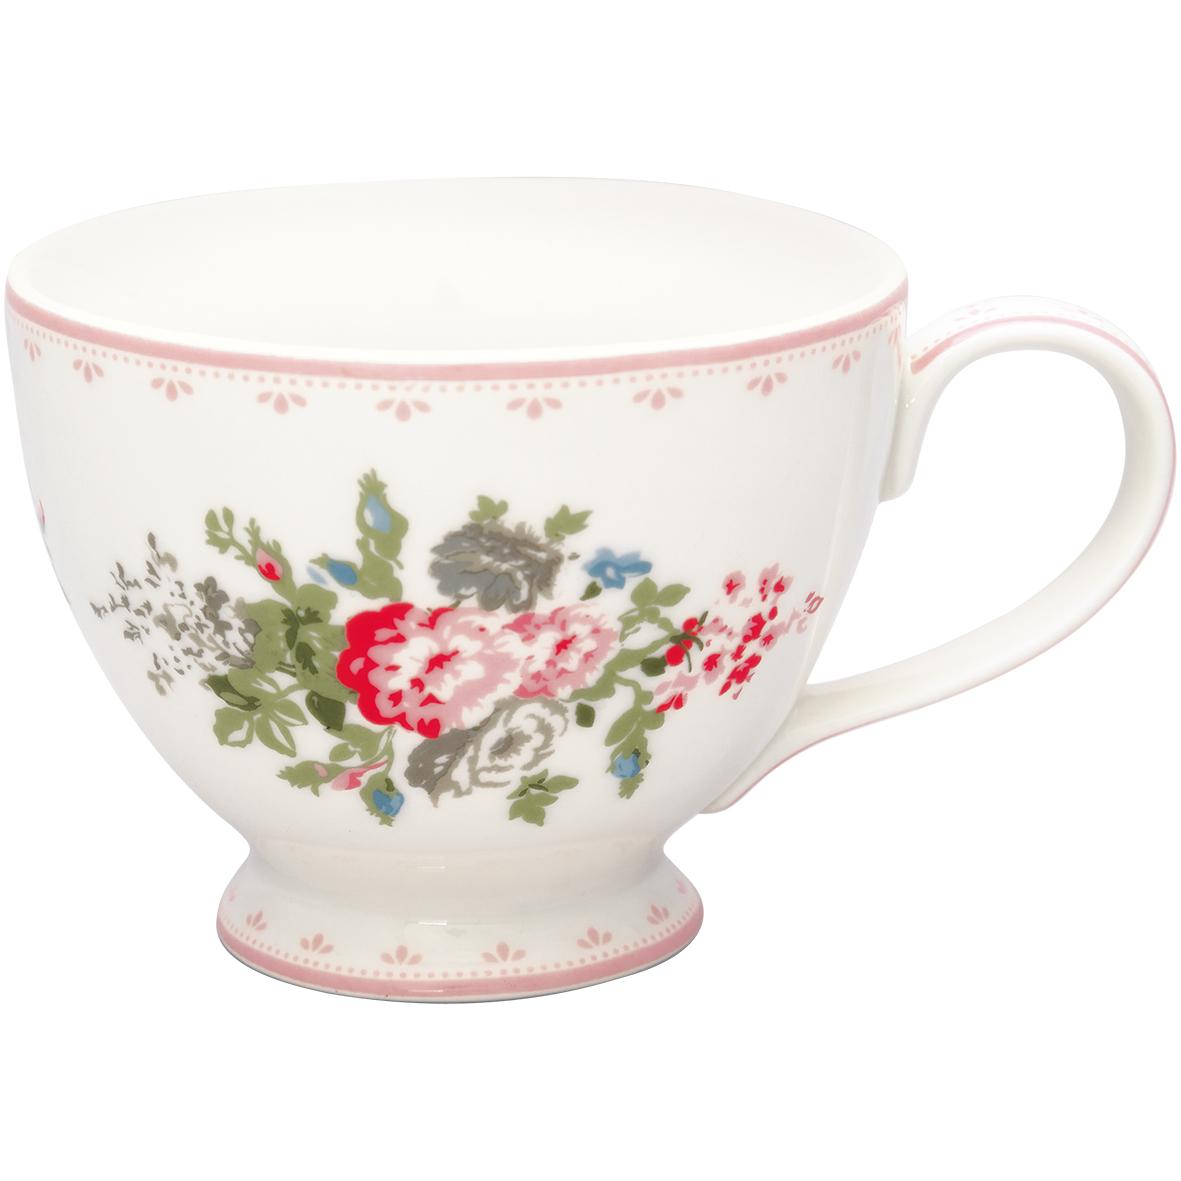 Teetasse mit Henkel - Petricia pale pink - Greengate